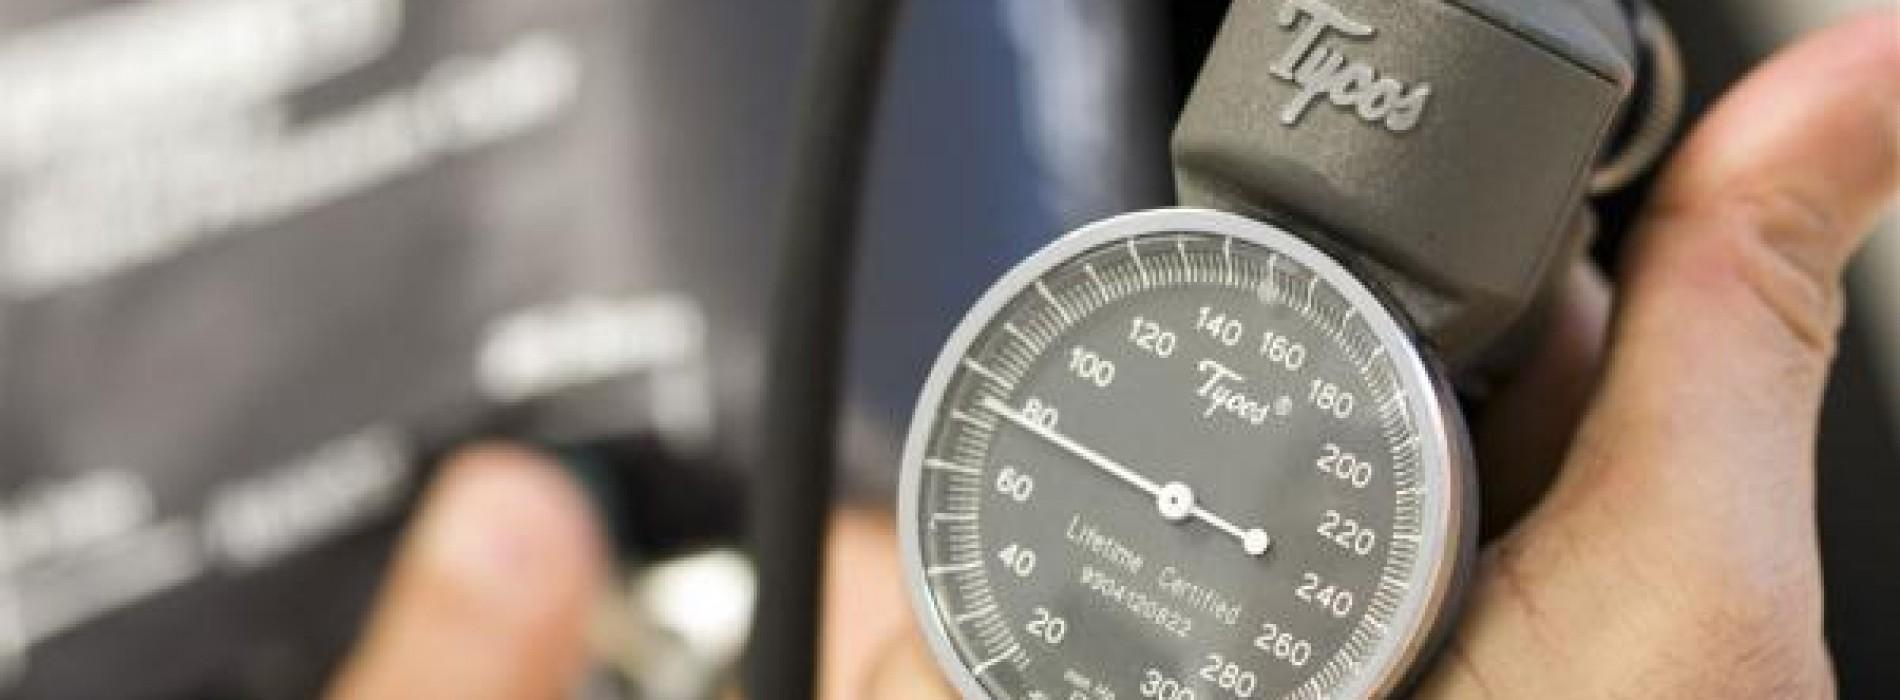 Zo kun je zelf je bloeddruk verlagen zonder artsen en medicijnen